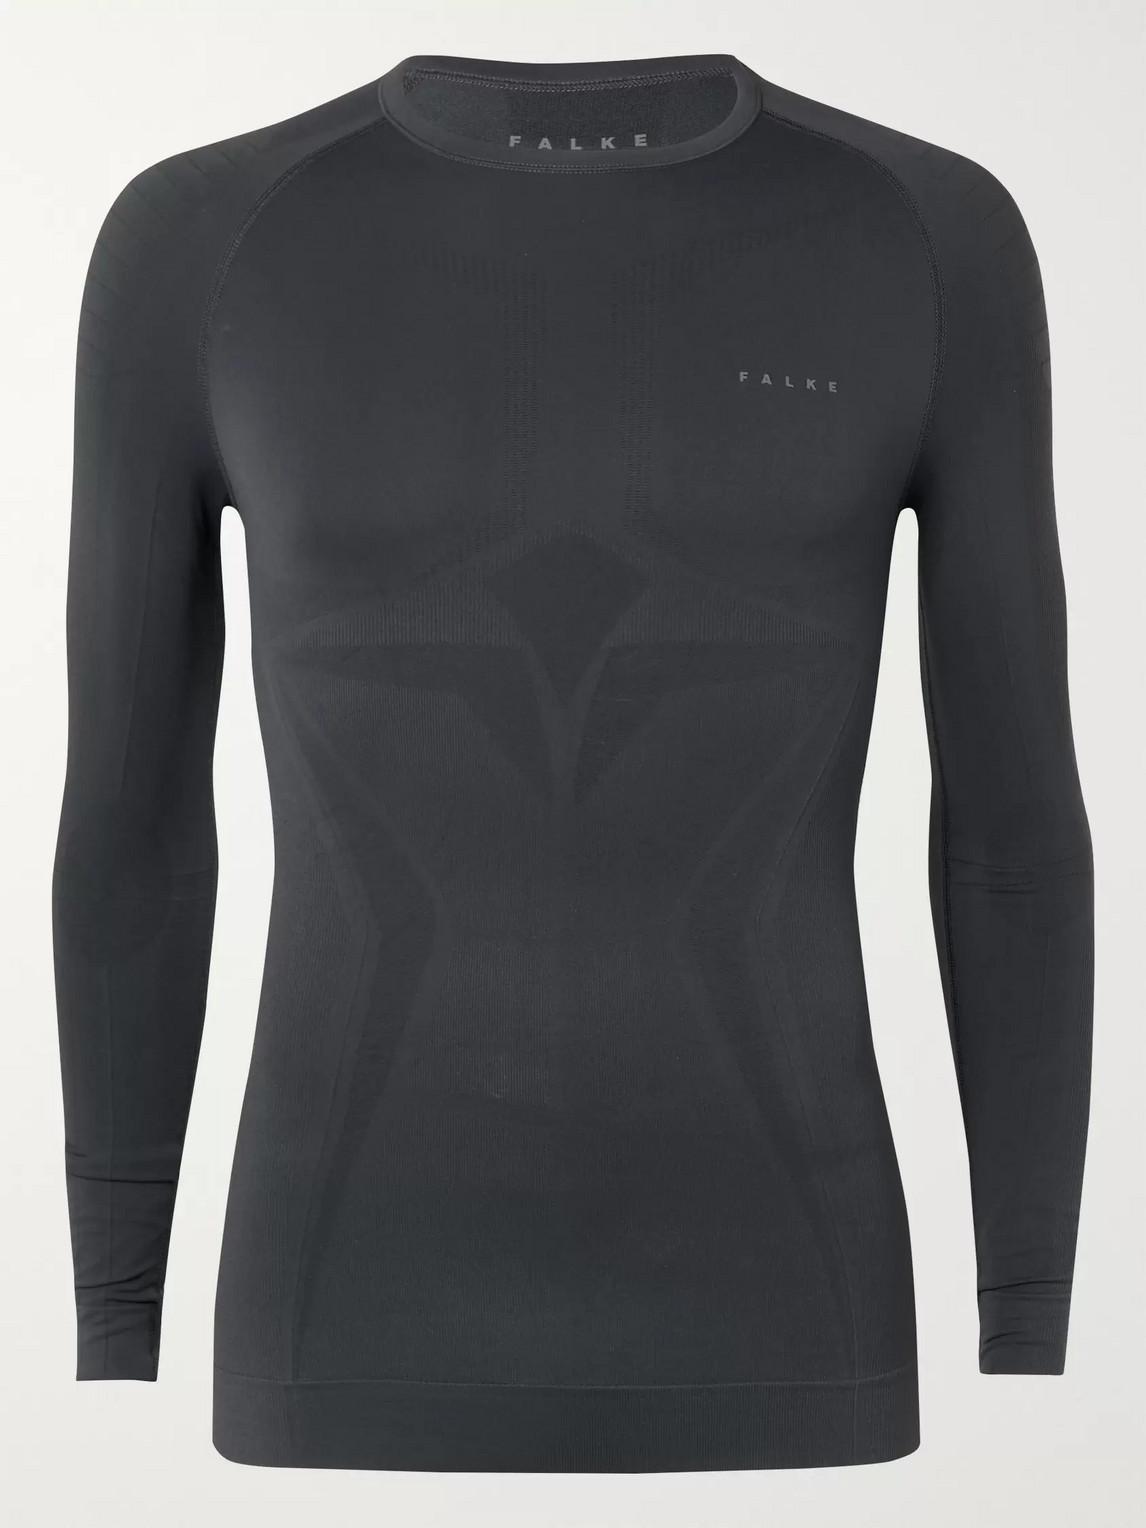 Falke Maximum Warm Stretch Tech-jersey T-shirt In Gray